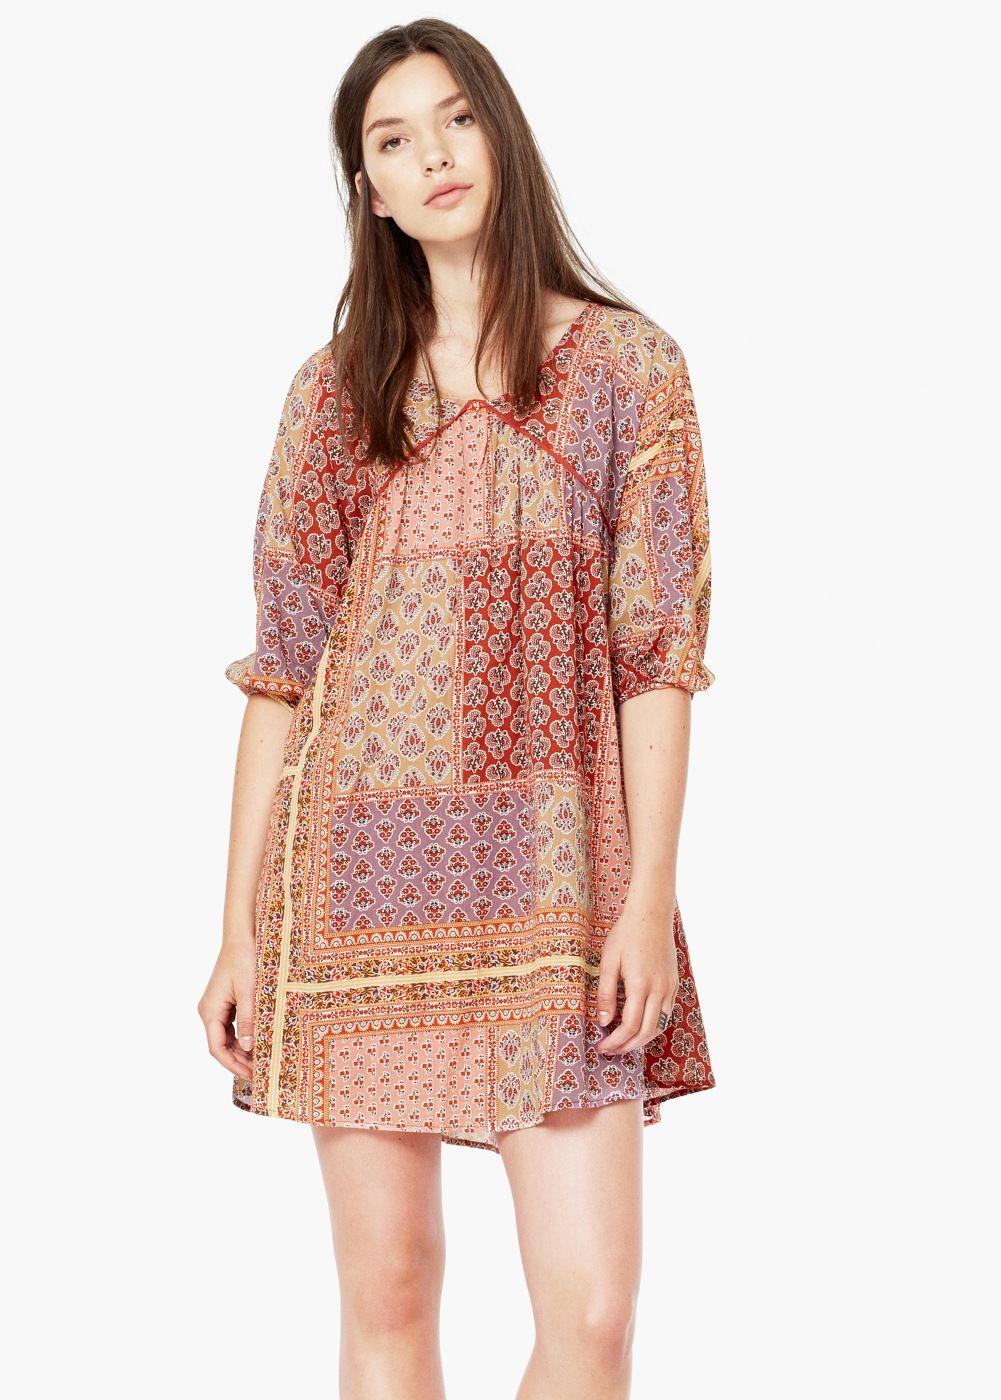 Vestido combinado algodão - Vestidos de Mulher  1a0b1ab3272f1